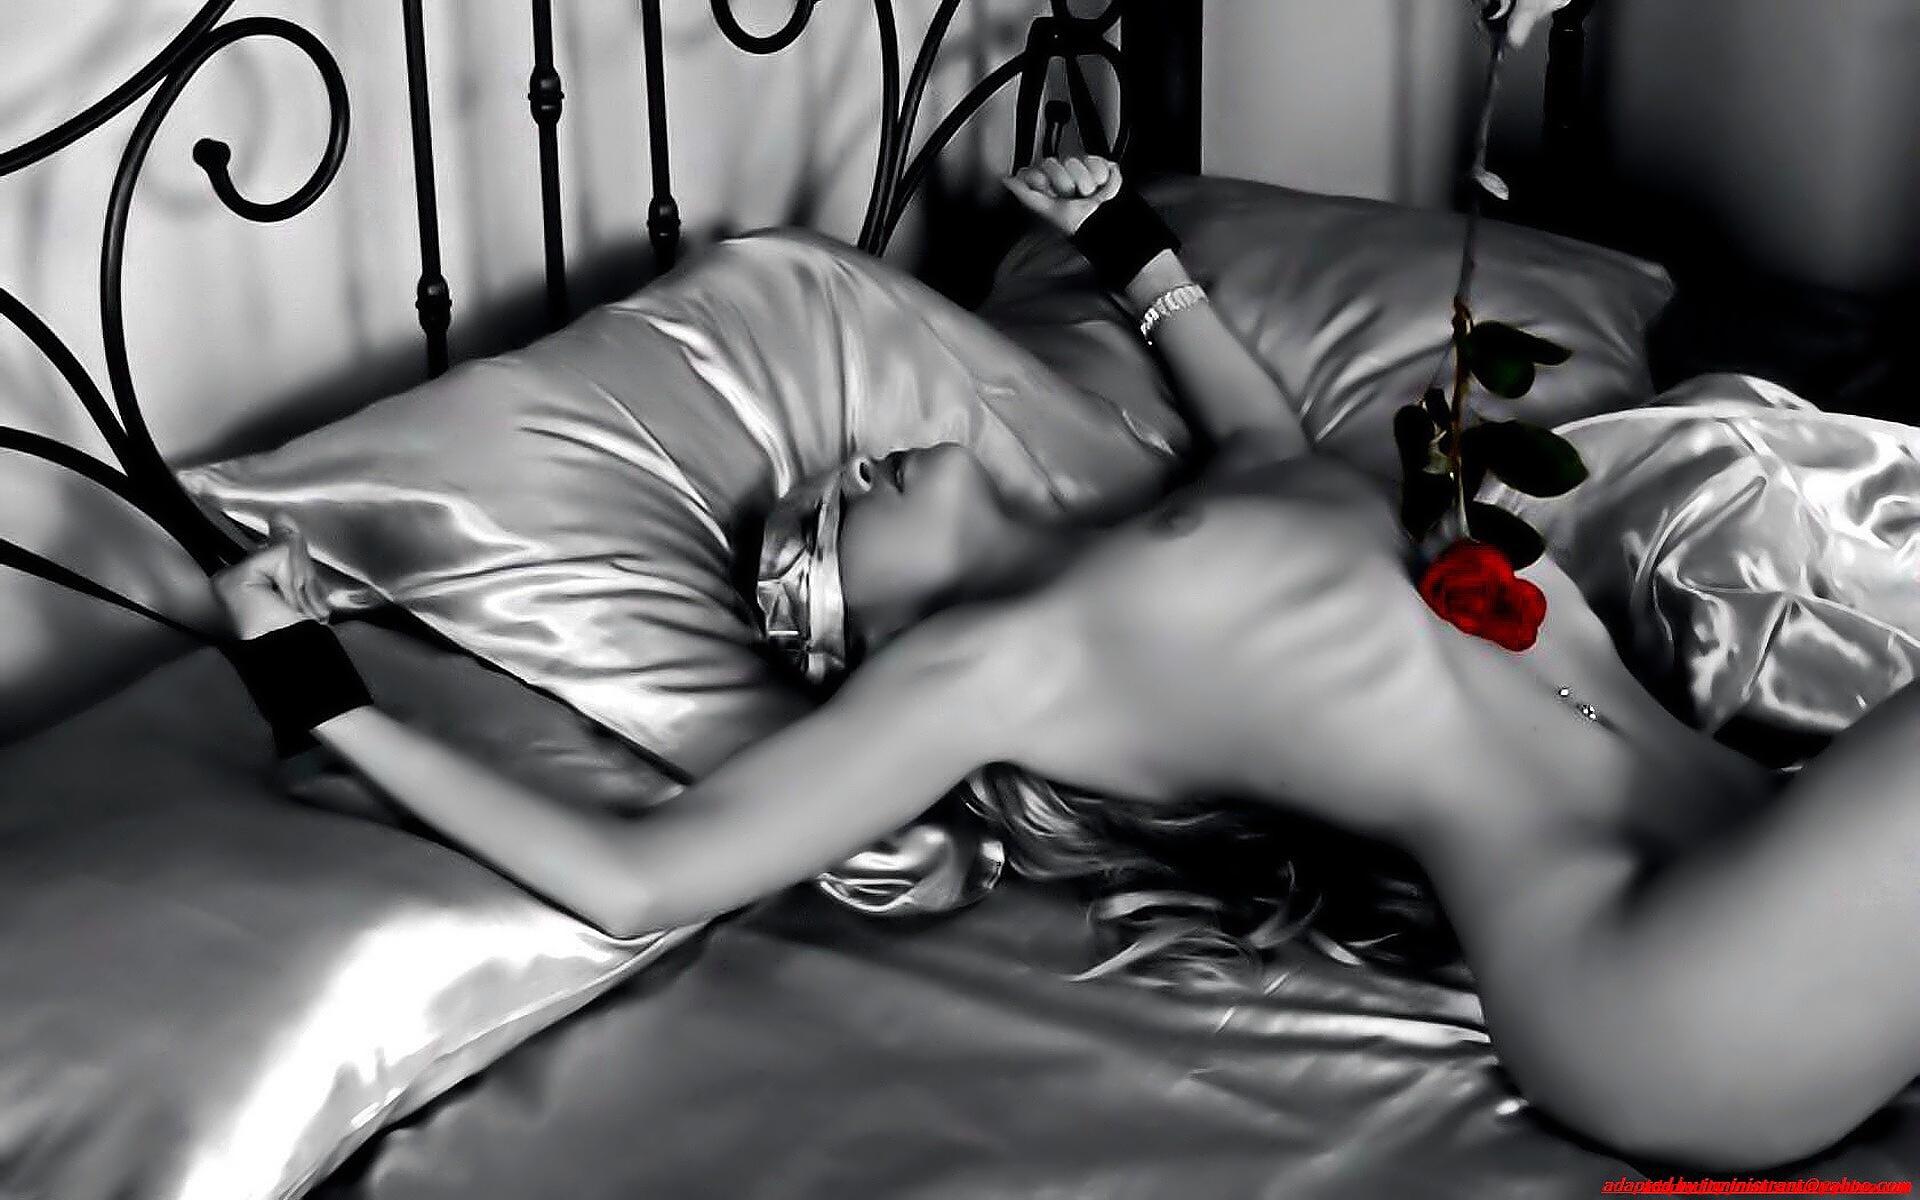 эротическая черно белая картинка девушка привязана к кровати провёл рукой